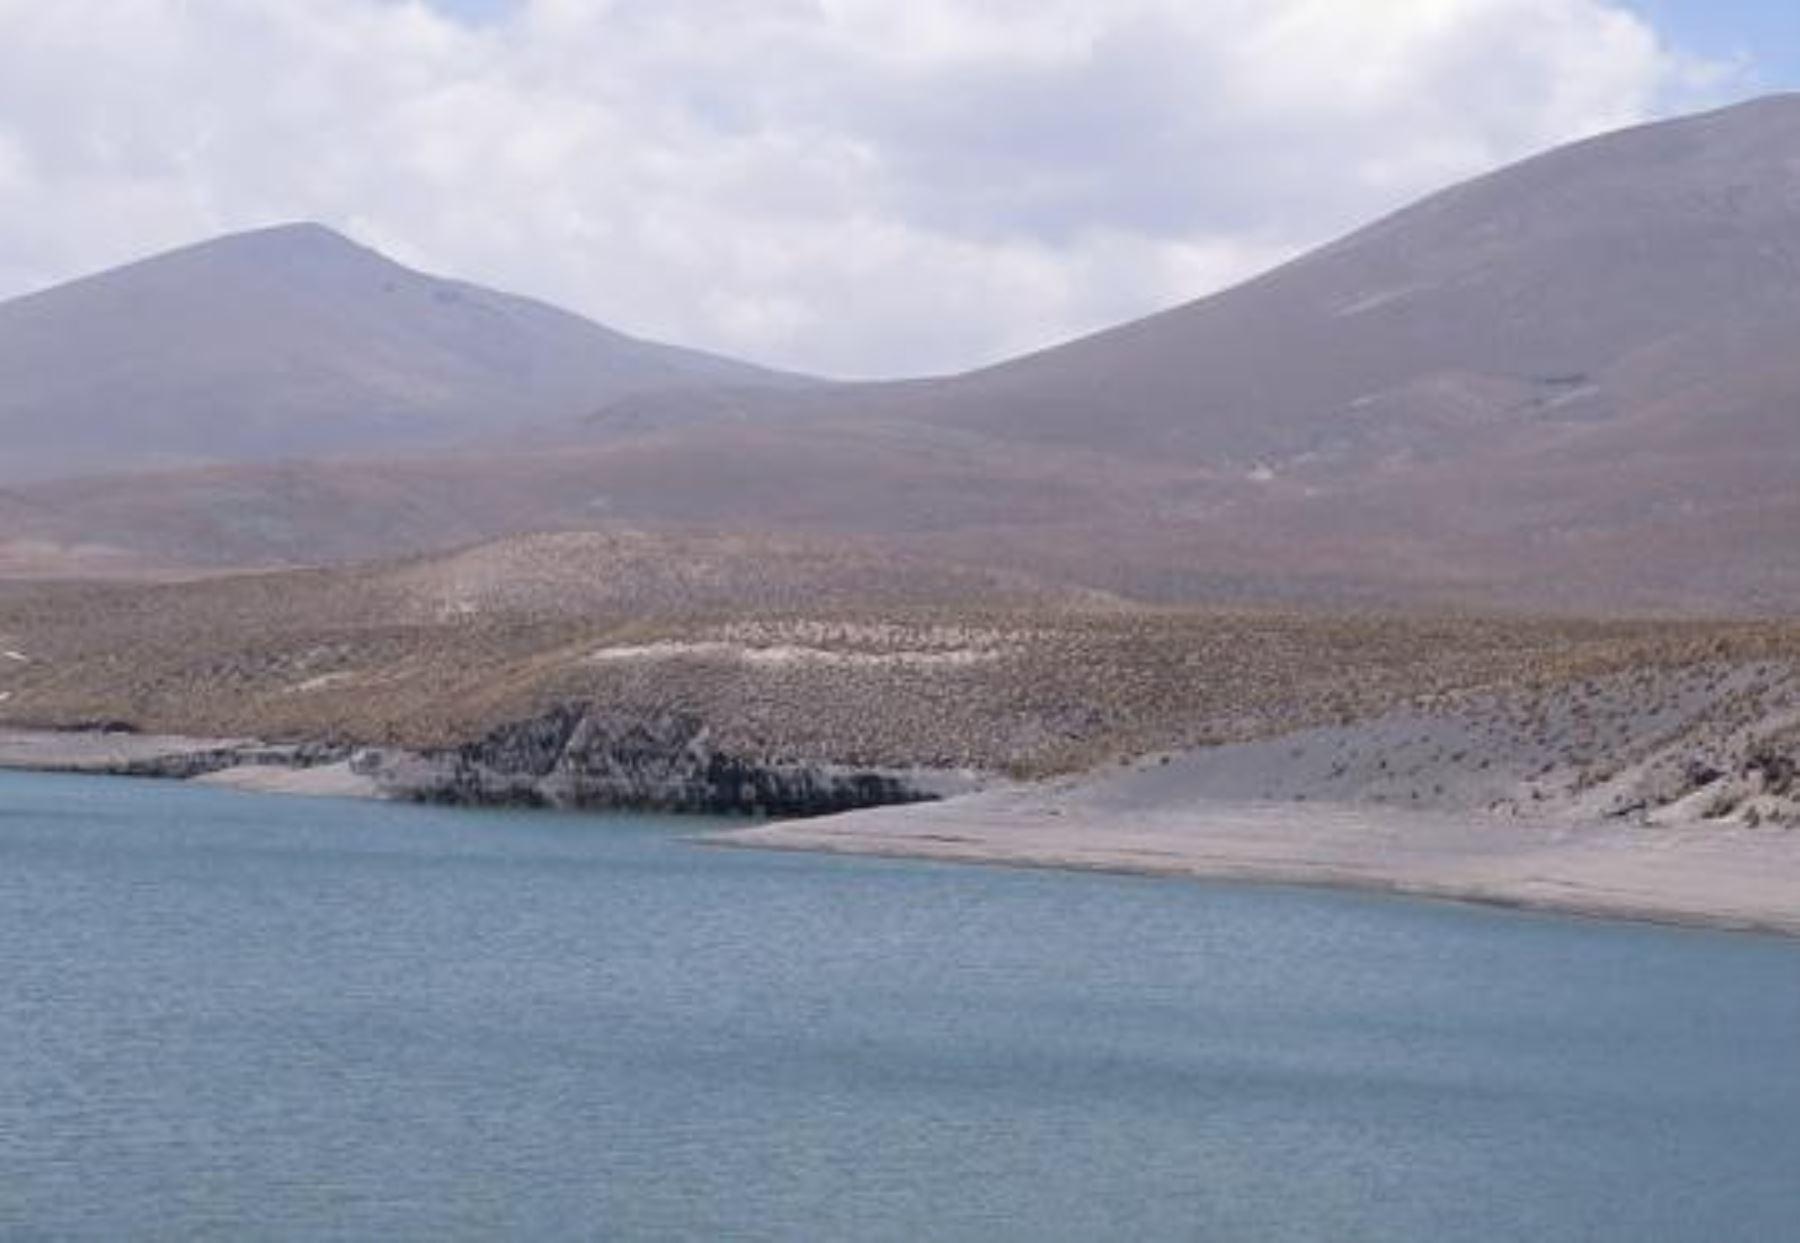 Elaboran fichas para ejecutar obras hidráulicas en la región Moquegua.